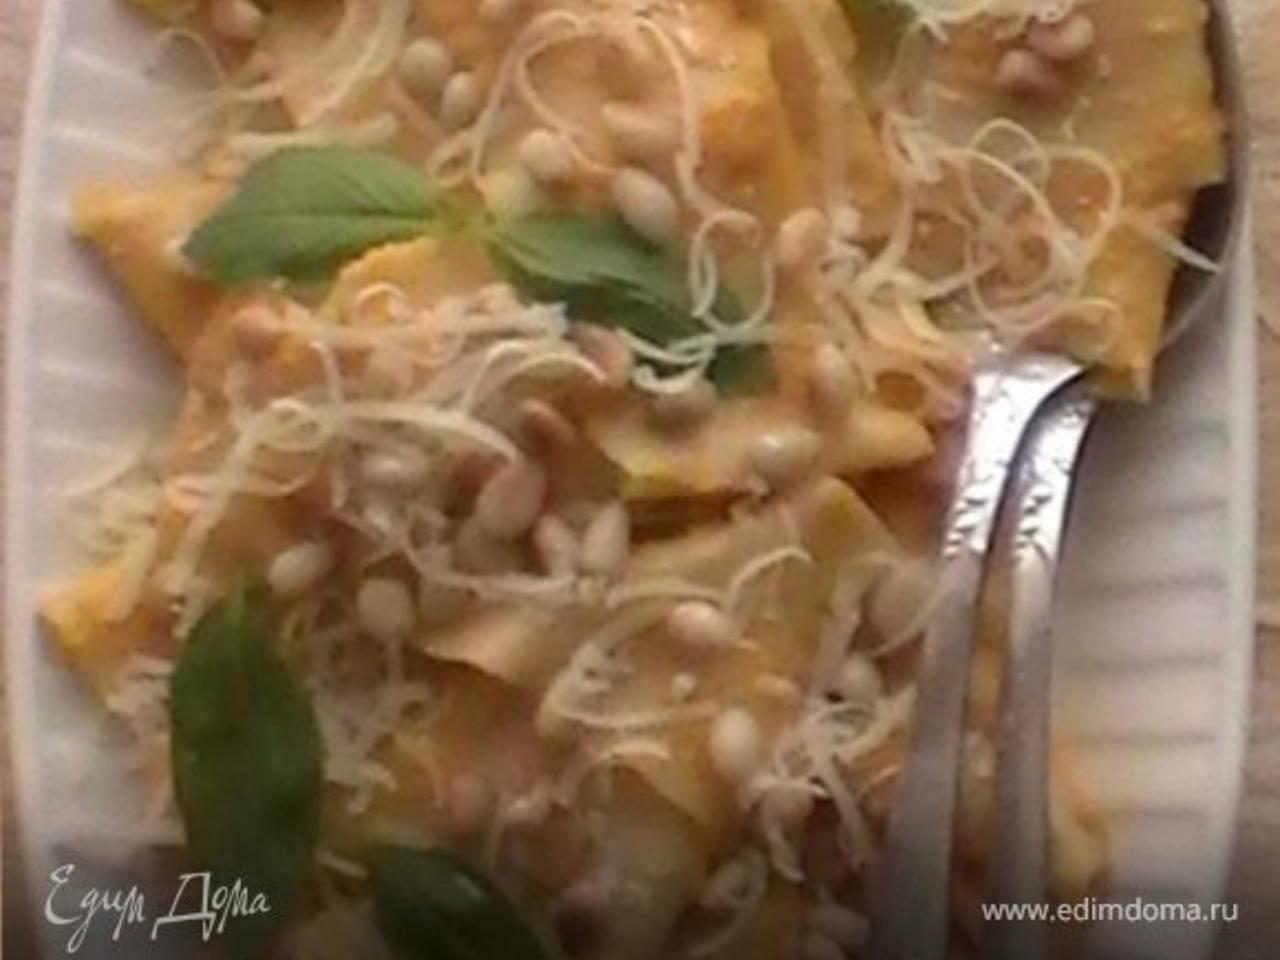 Ореховая паста — 8 рецептов приготовления в домашних условиях